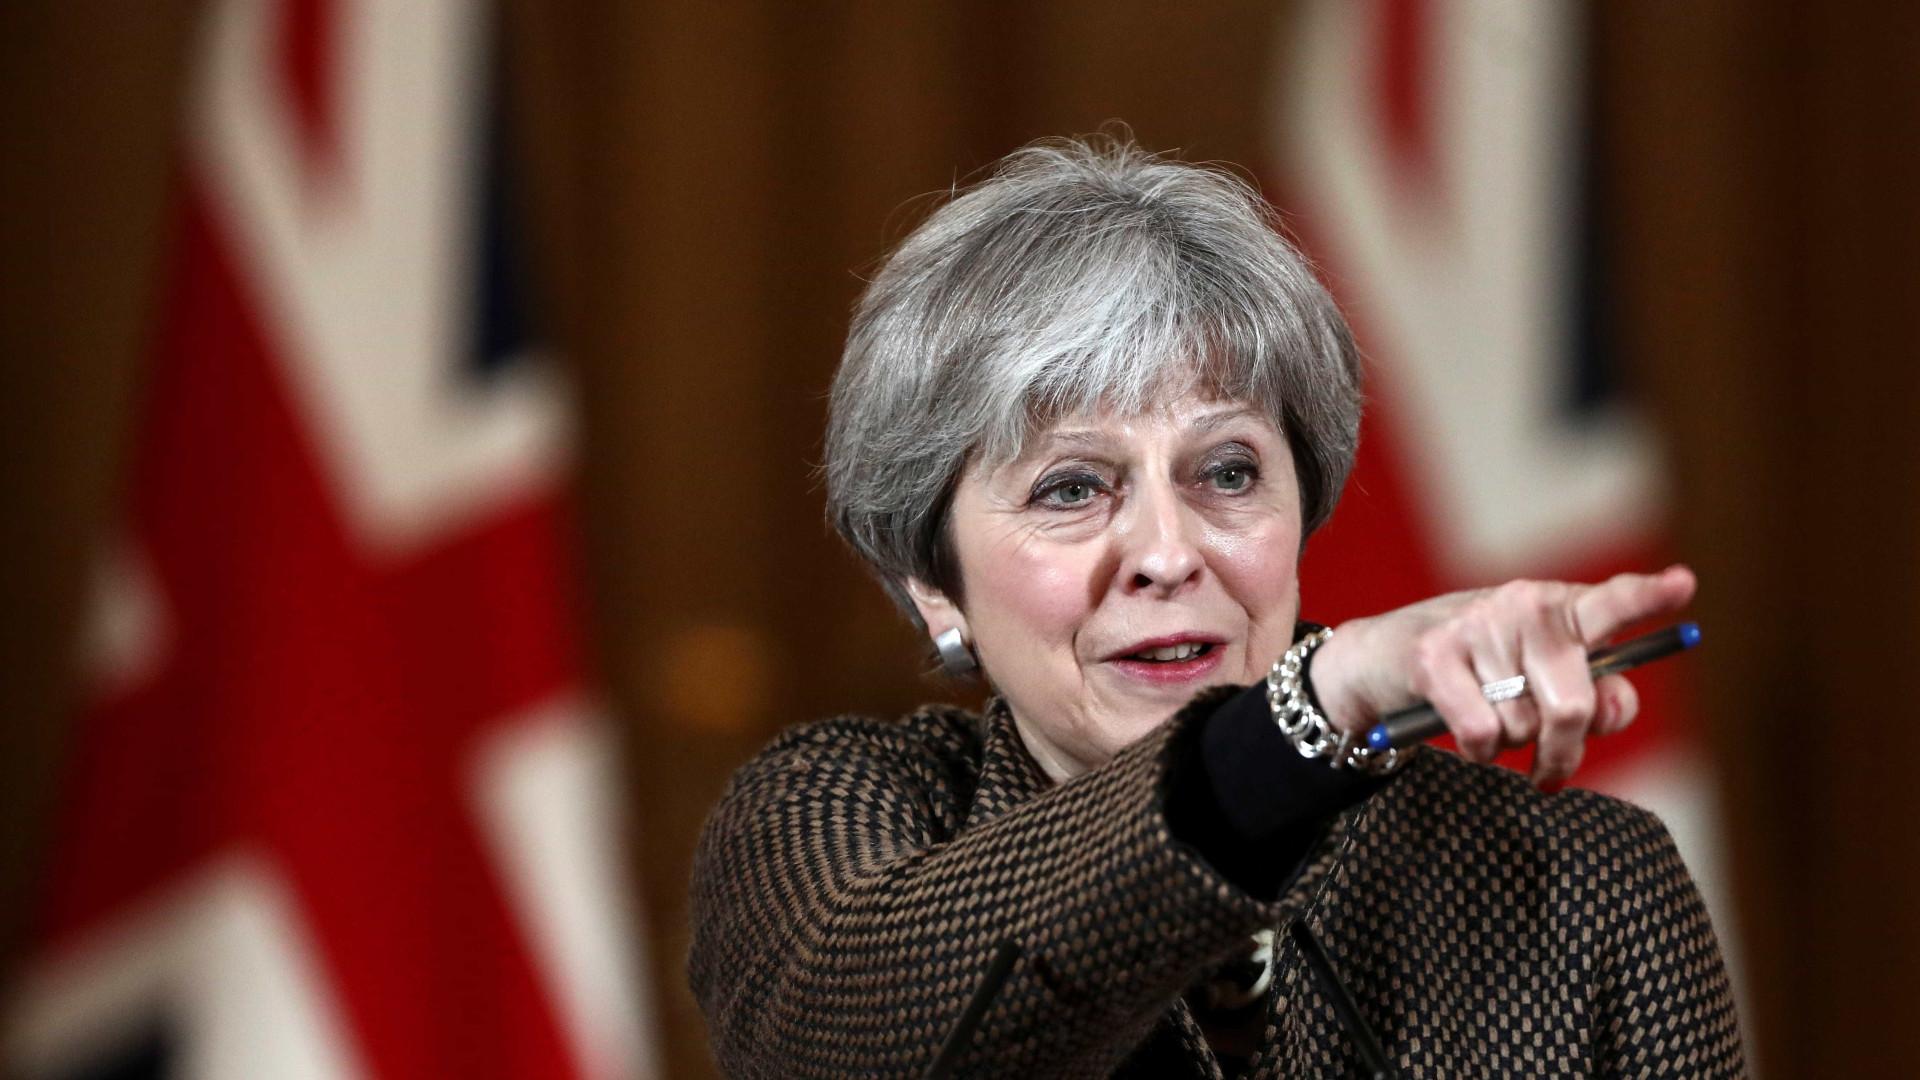 'Nunca vou concordar em dividir nosso país', diz Theresa May